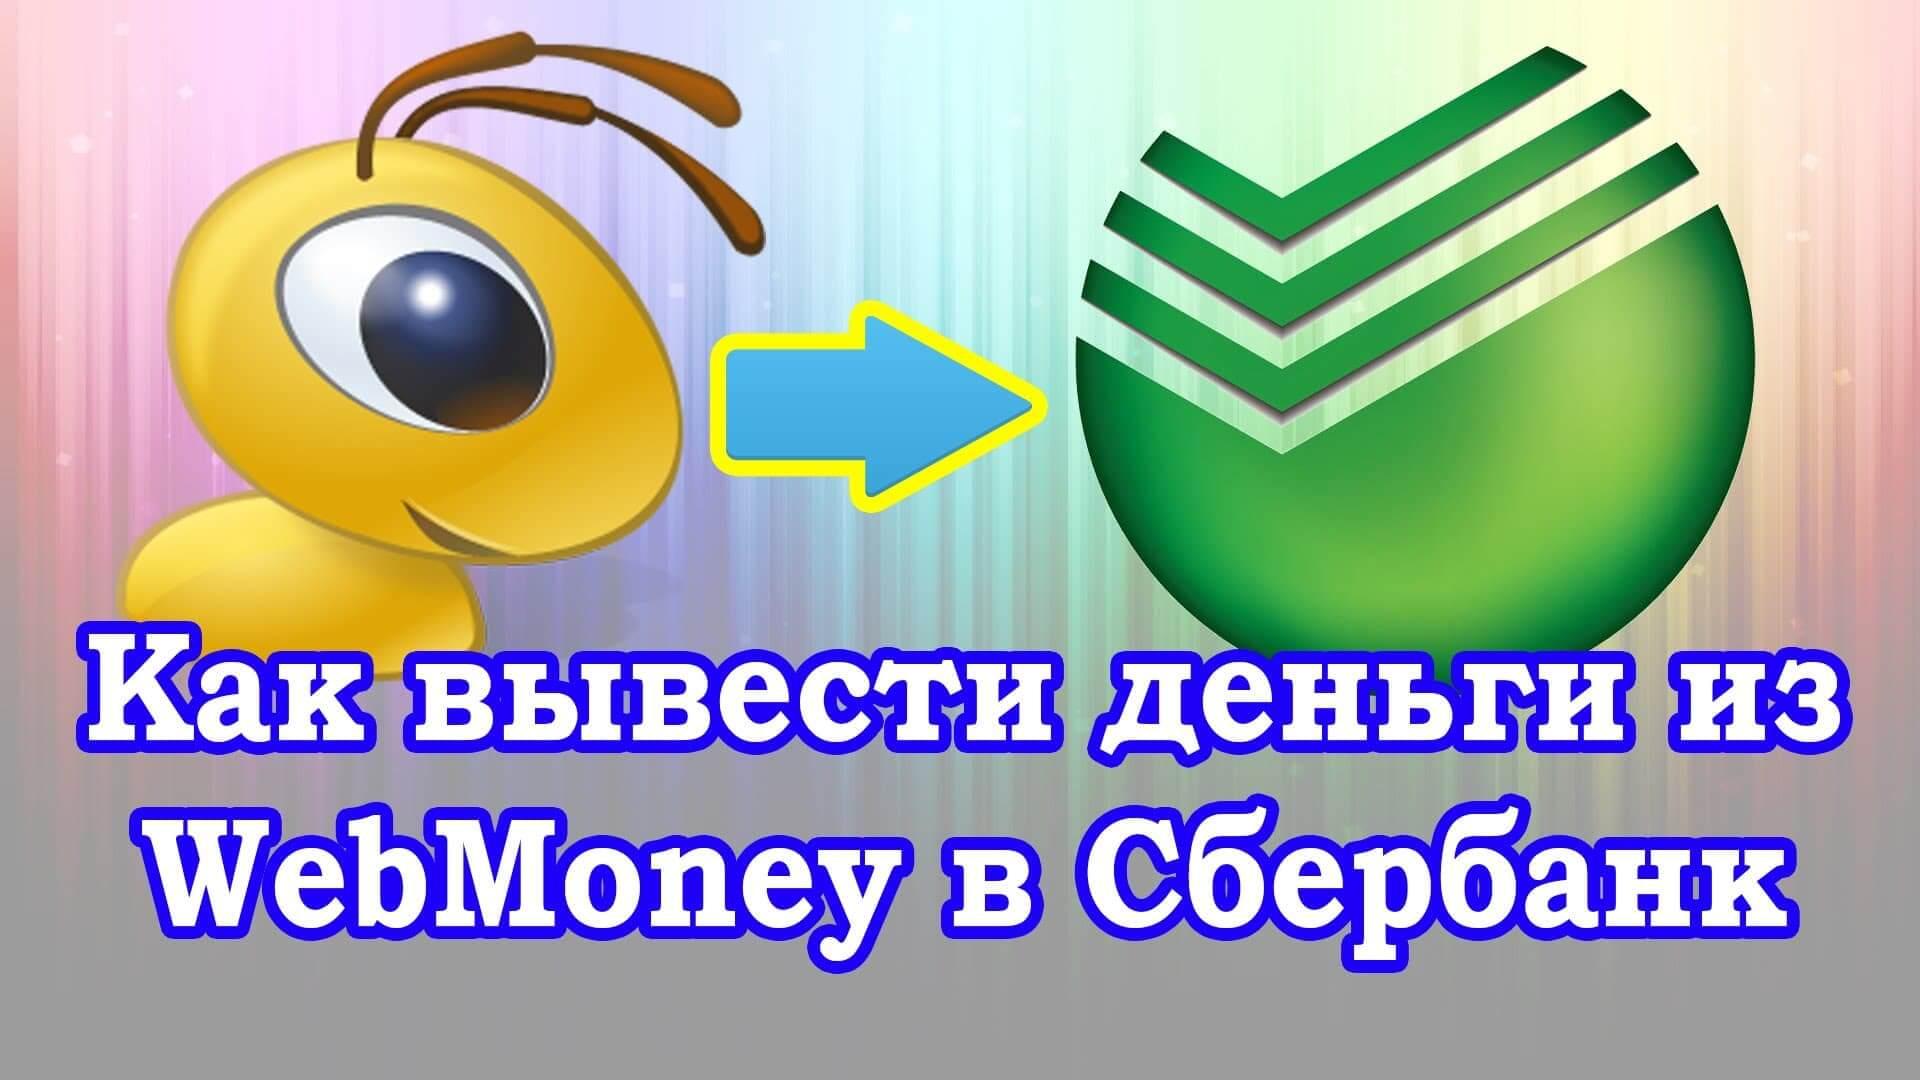 Как вывести деньги со счета ВебМани на карту